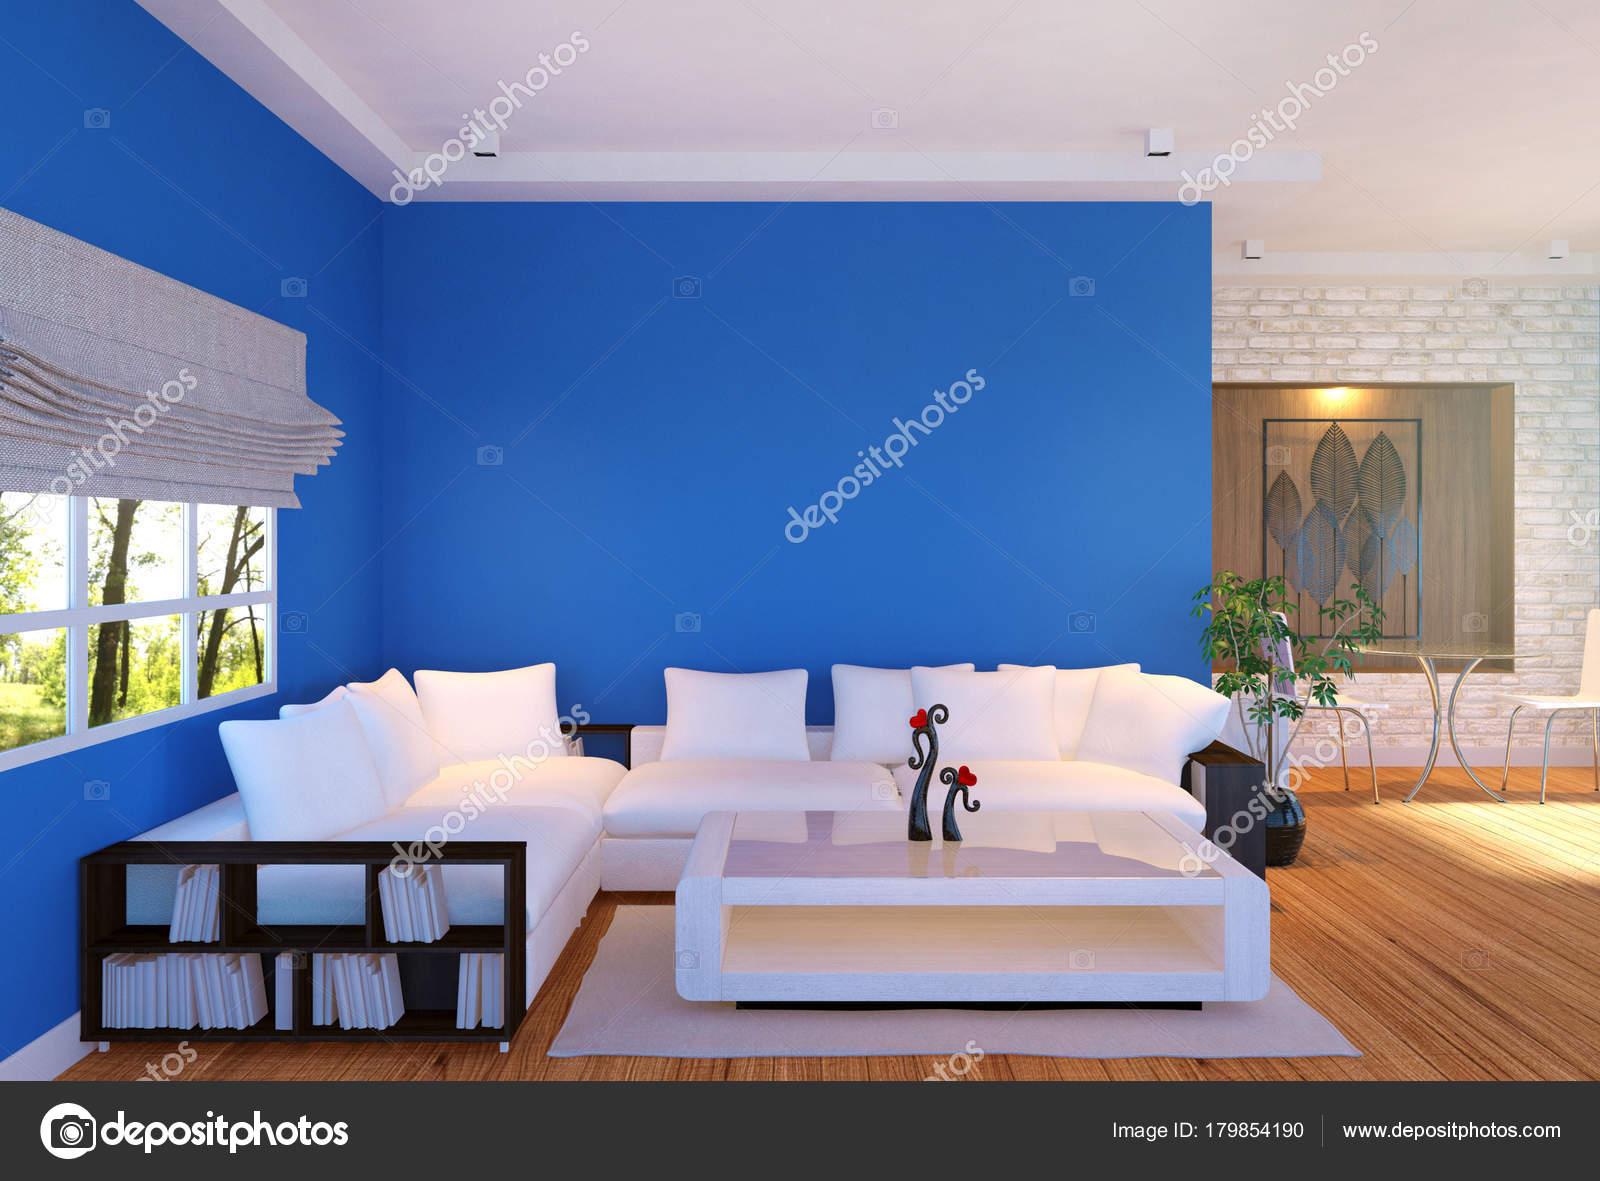 Entzuckend Moderne Wohnzimmer Einrichtung Mit Möbeln Und Blau Leere Wand Rendering U2014  Stockfoto